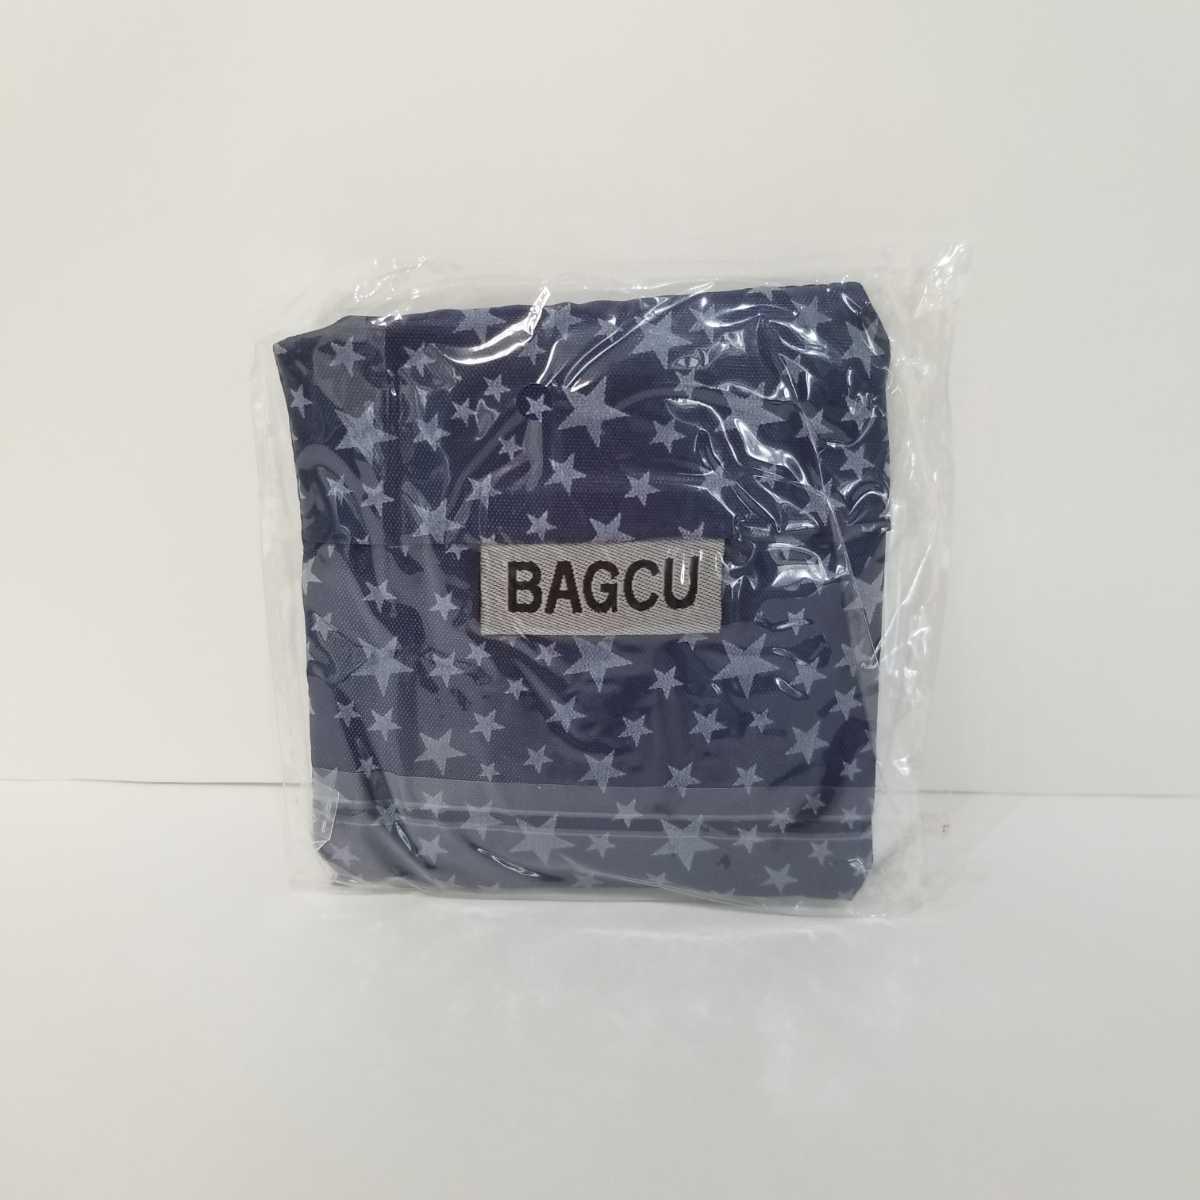 レジ袋 10個 エコ ショッピング バッグ 折りたたみ エコバッグ コンパクト